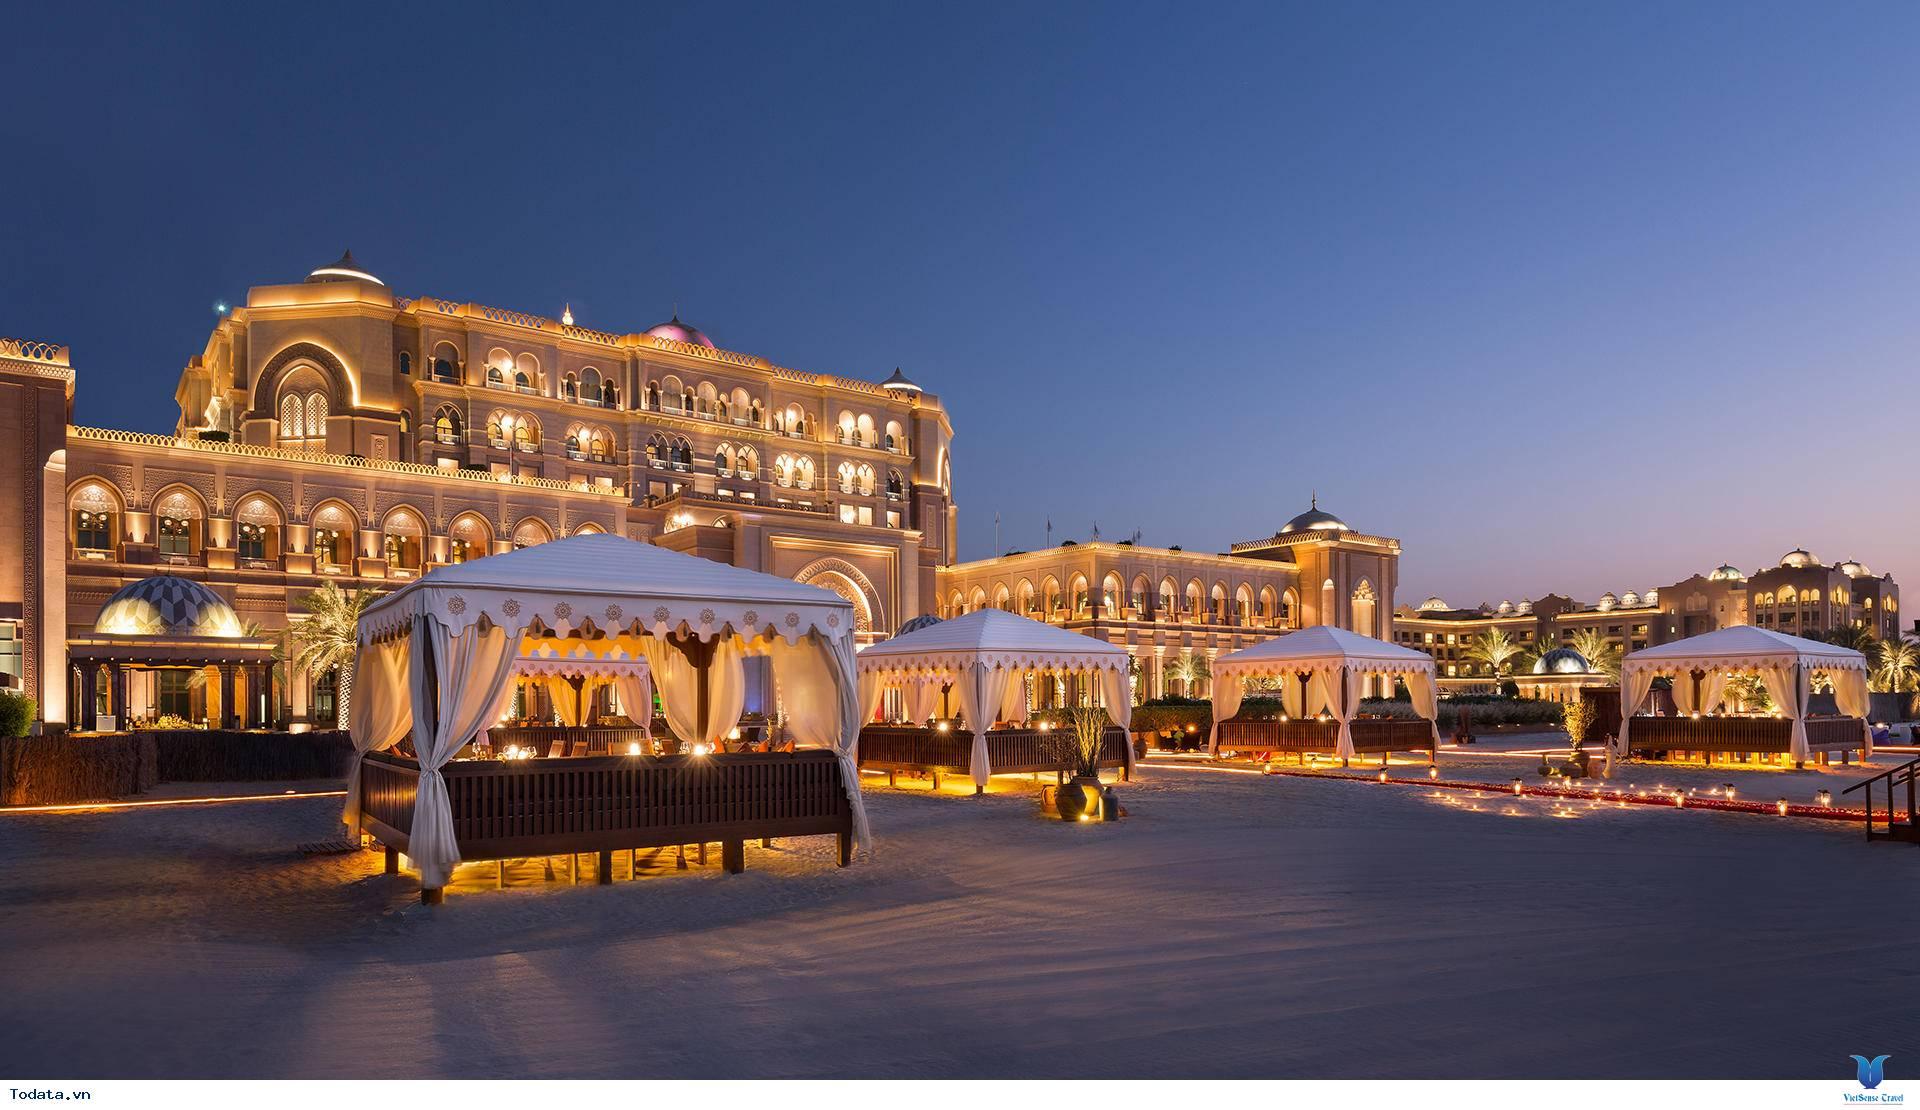 Khám Phá Khách Sạn 7 Sao Đẳng Cấp Emirates Palace - Ảnh 6